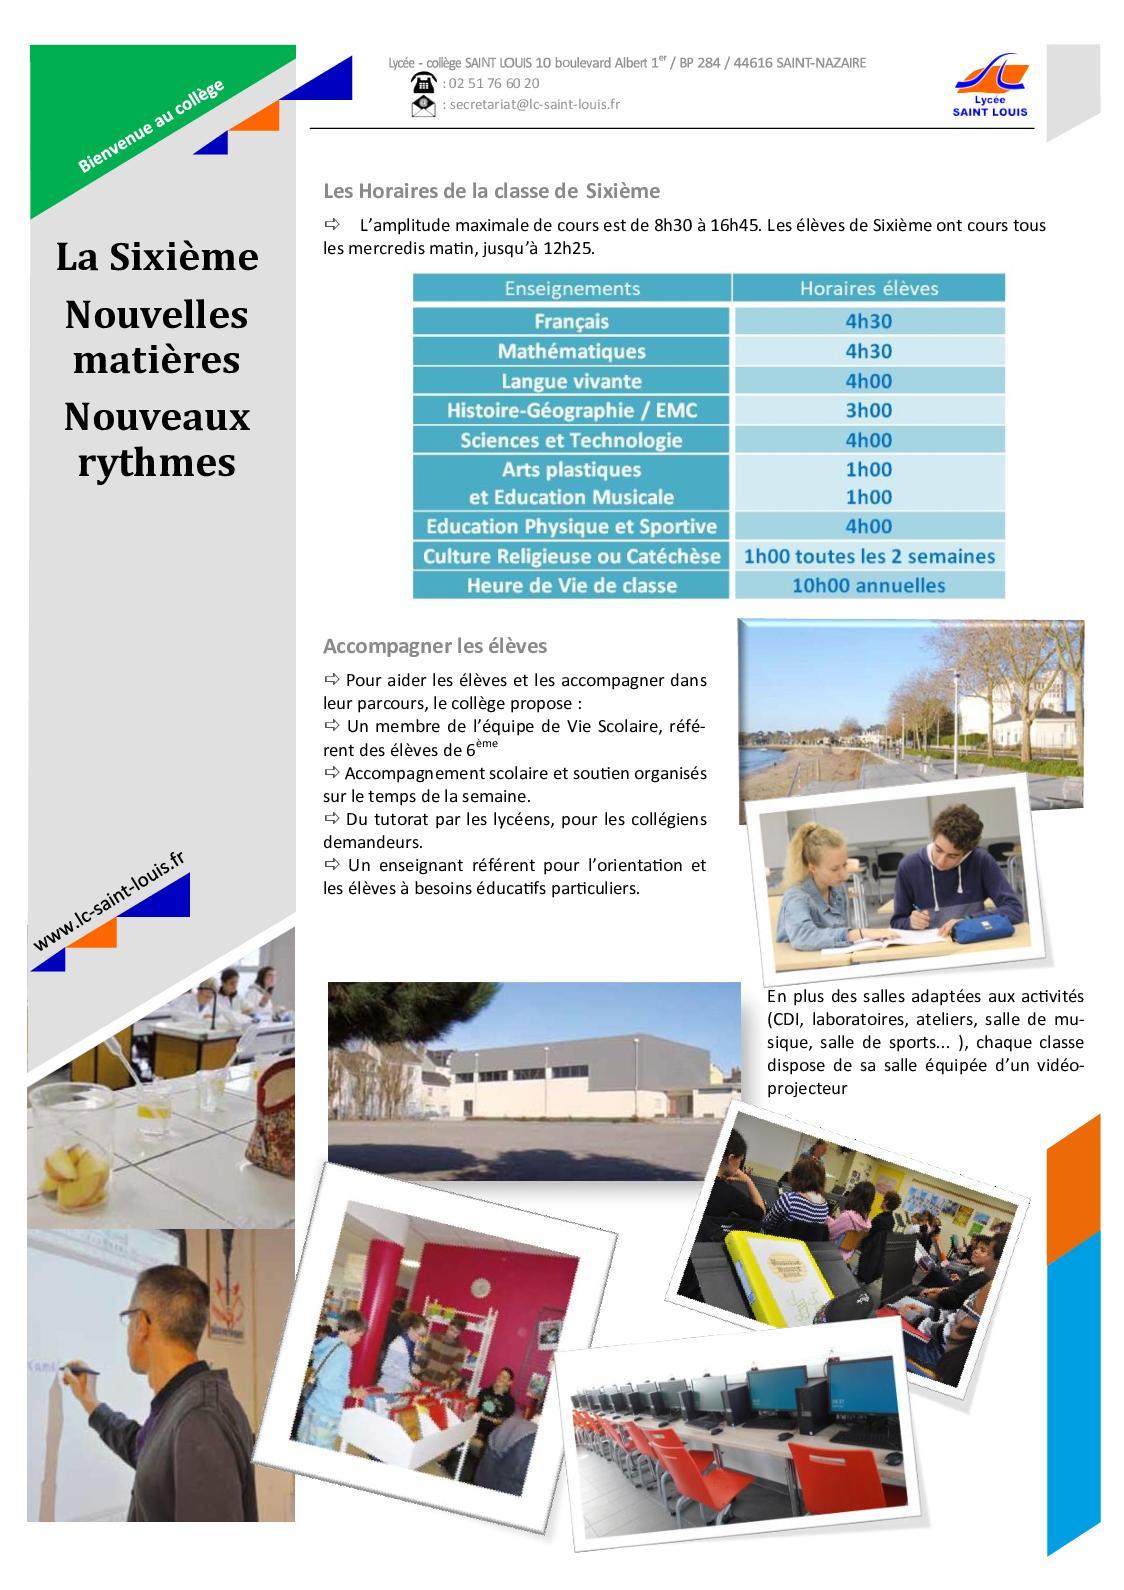 plaquette 2019 college saint louis